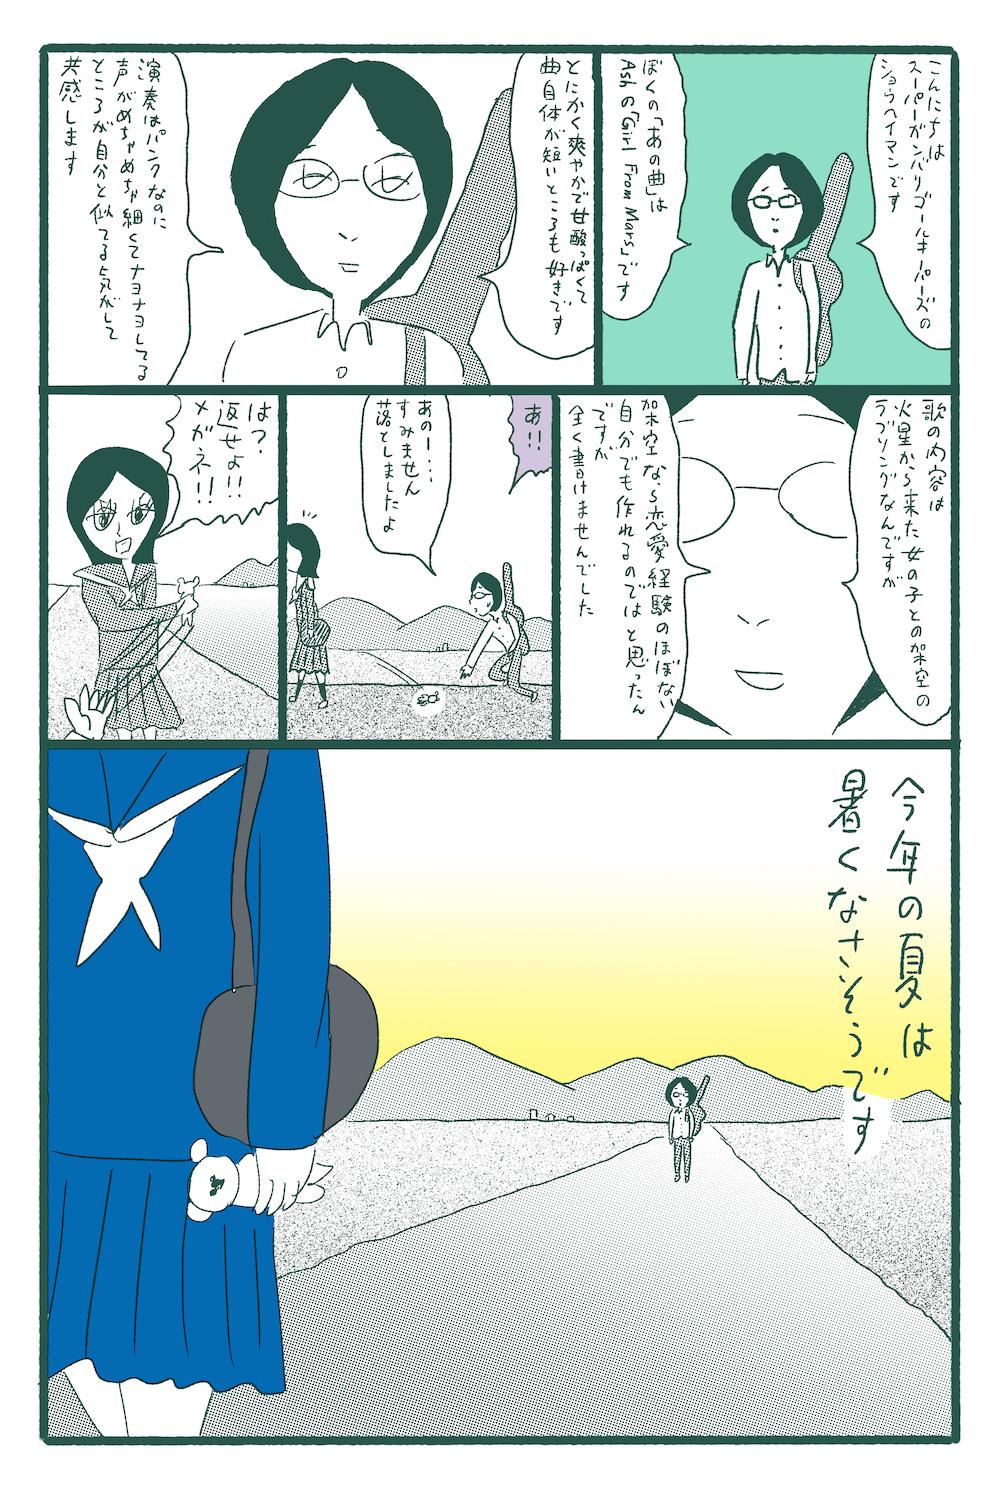 大橋裕之 Super Ganbari Goal Keepers ショウヘイマン